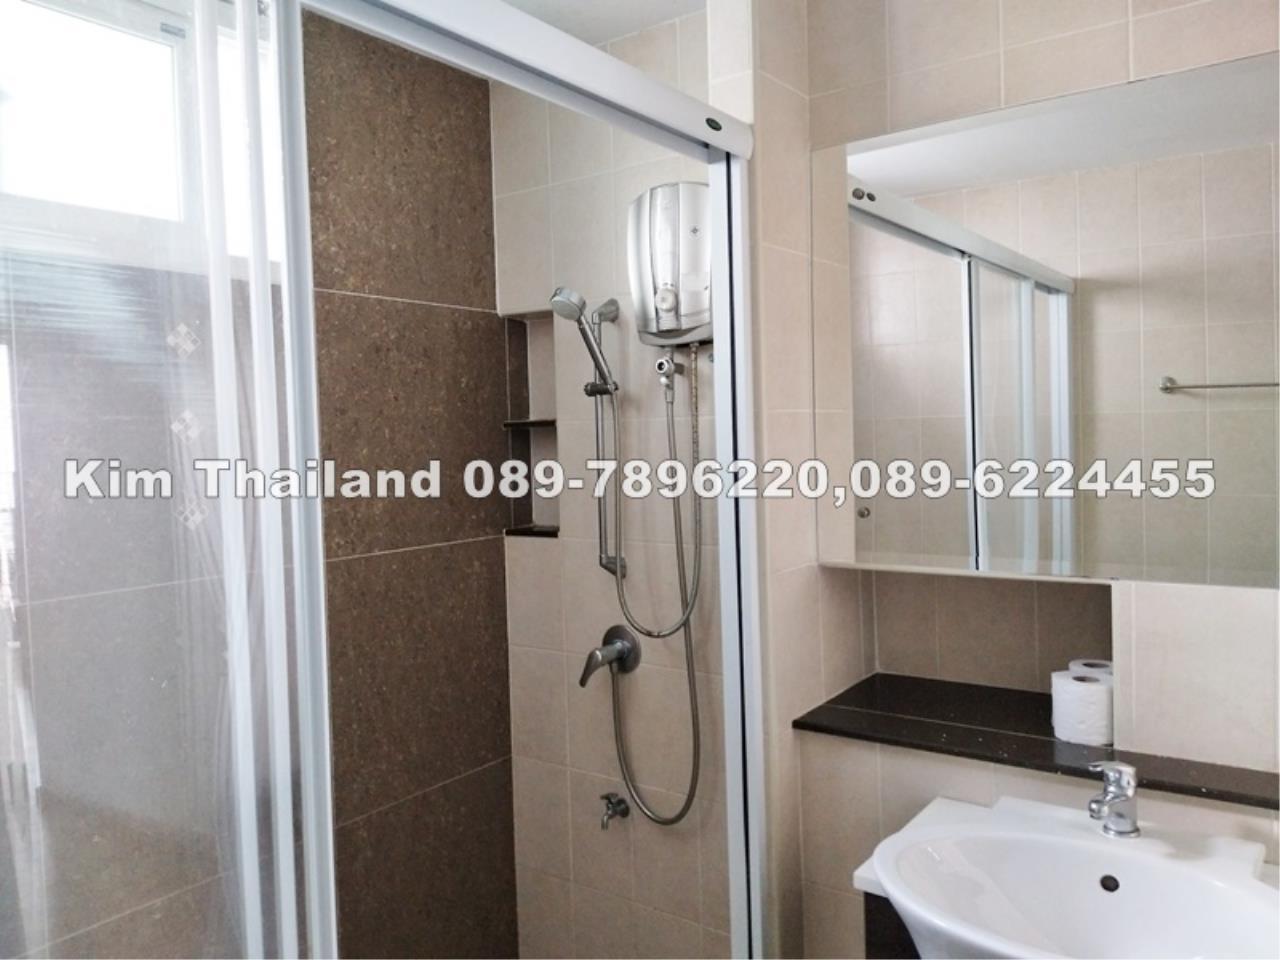 ขายทาวน์โฮม 3 ชั้น บ้านกลางเมือง เอส-เซ้นส์ พระรามเก้า-ลาดพร้าว 28 ตรว 3 ห้องนอน ขาย 89 ล้านบาท, ภาพที่ 5